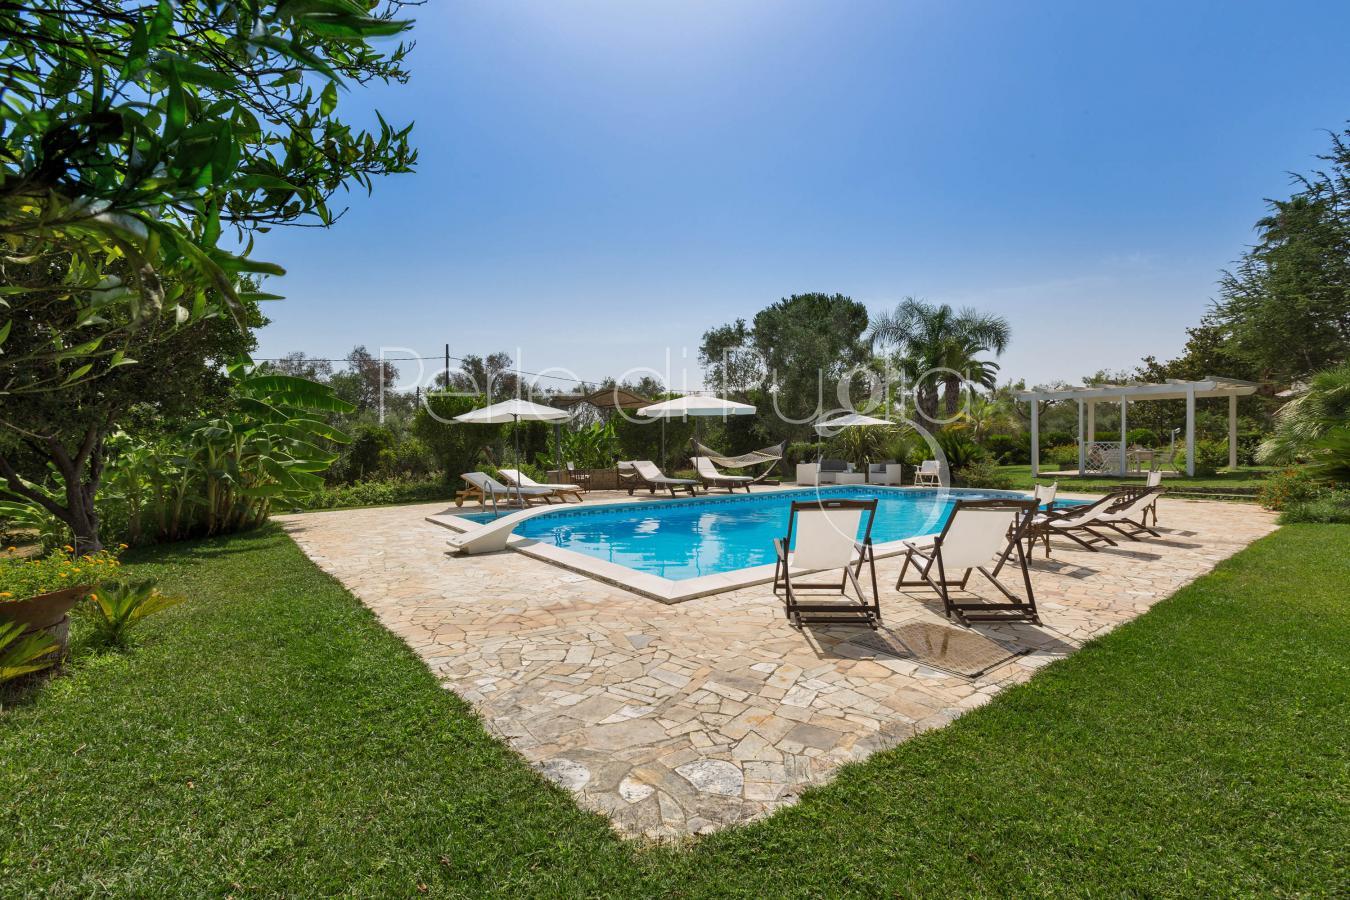 Villa con piscina ad aradeo zona gallipoli villa vita - Piscina al coperto con scivoli ...